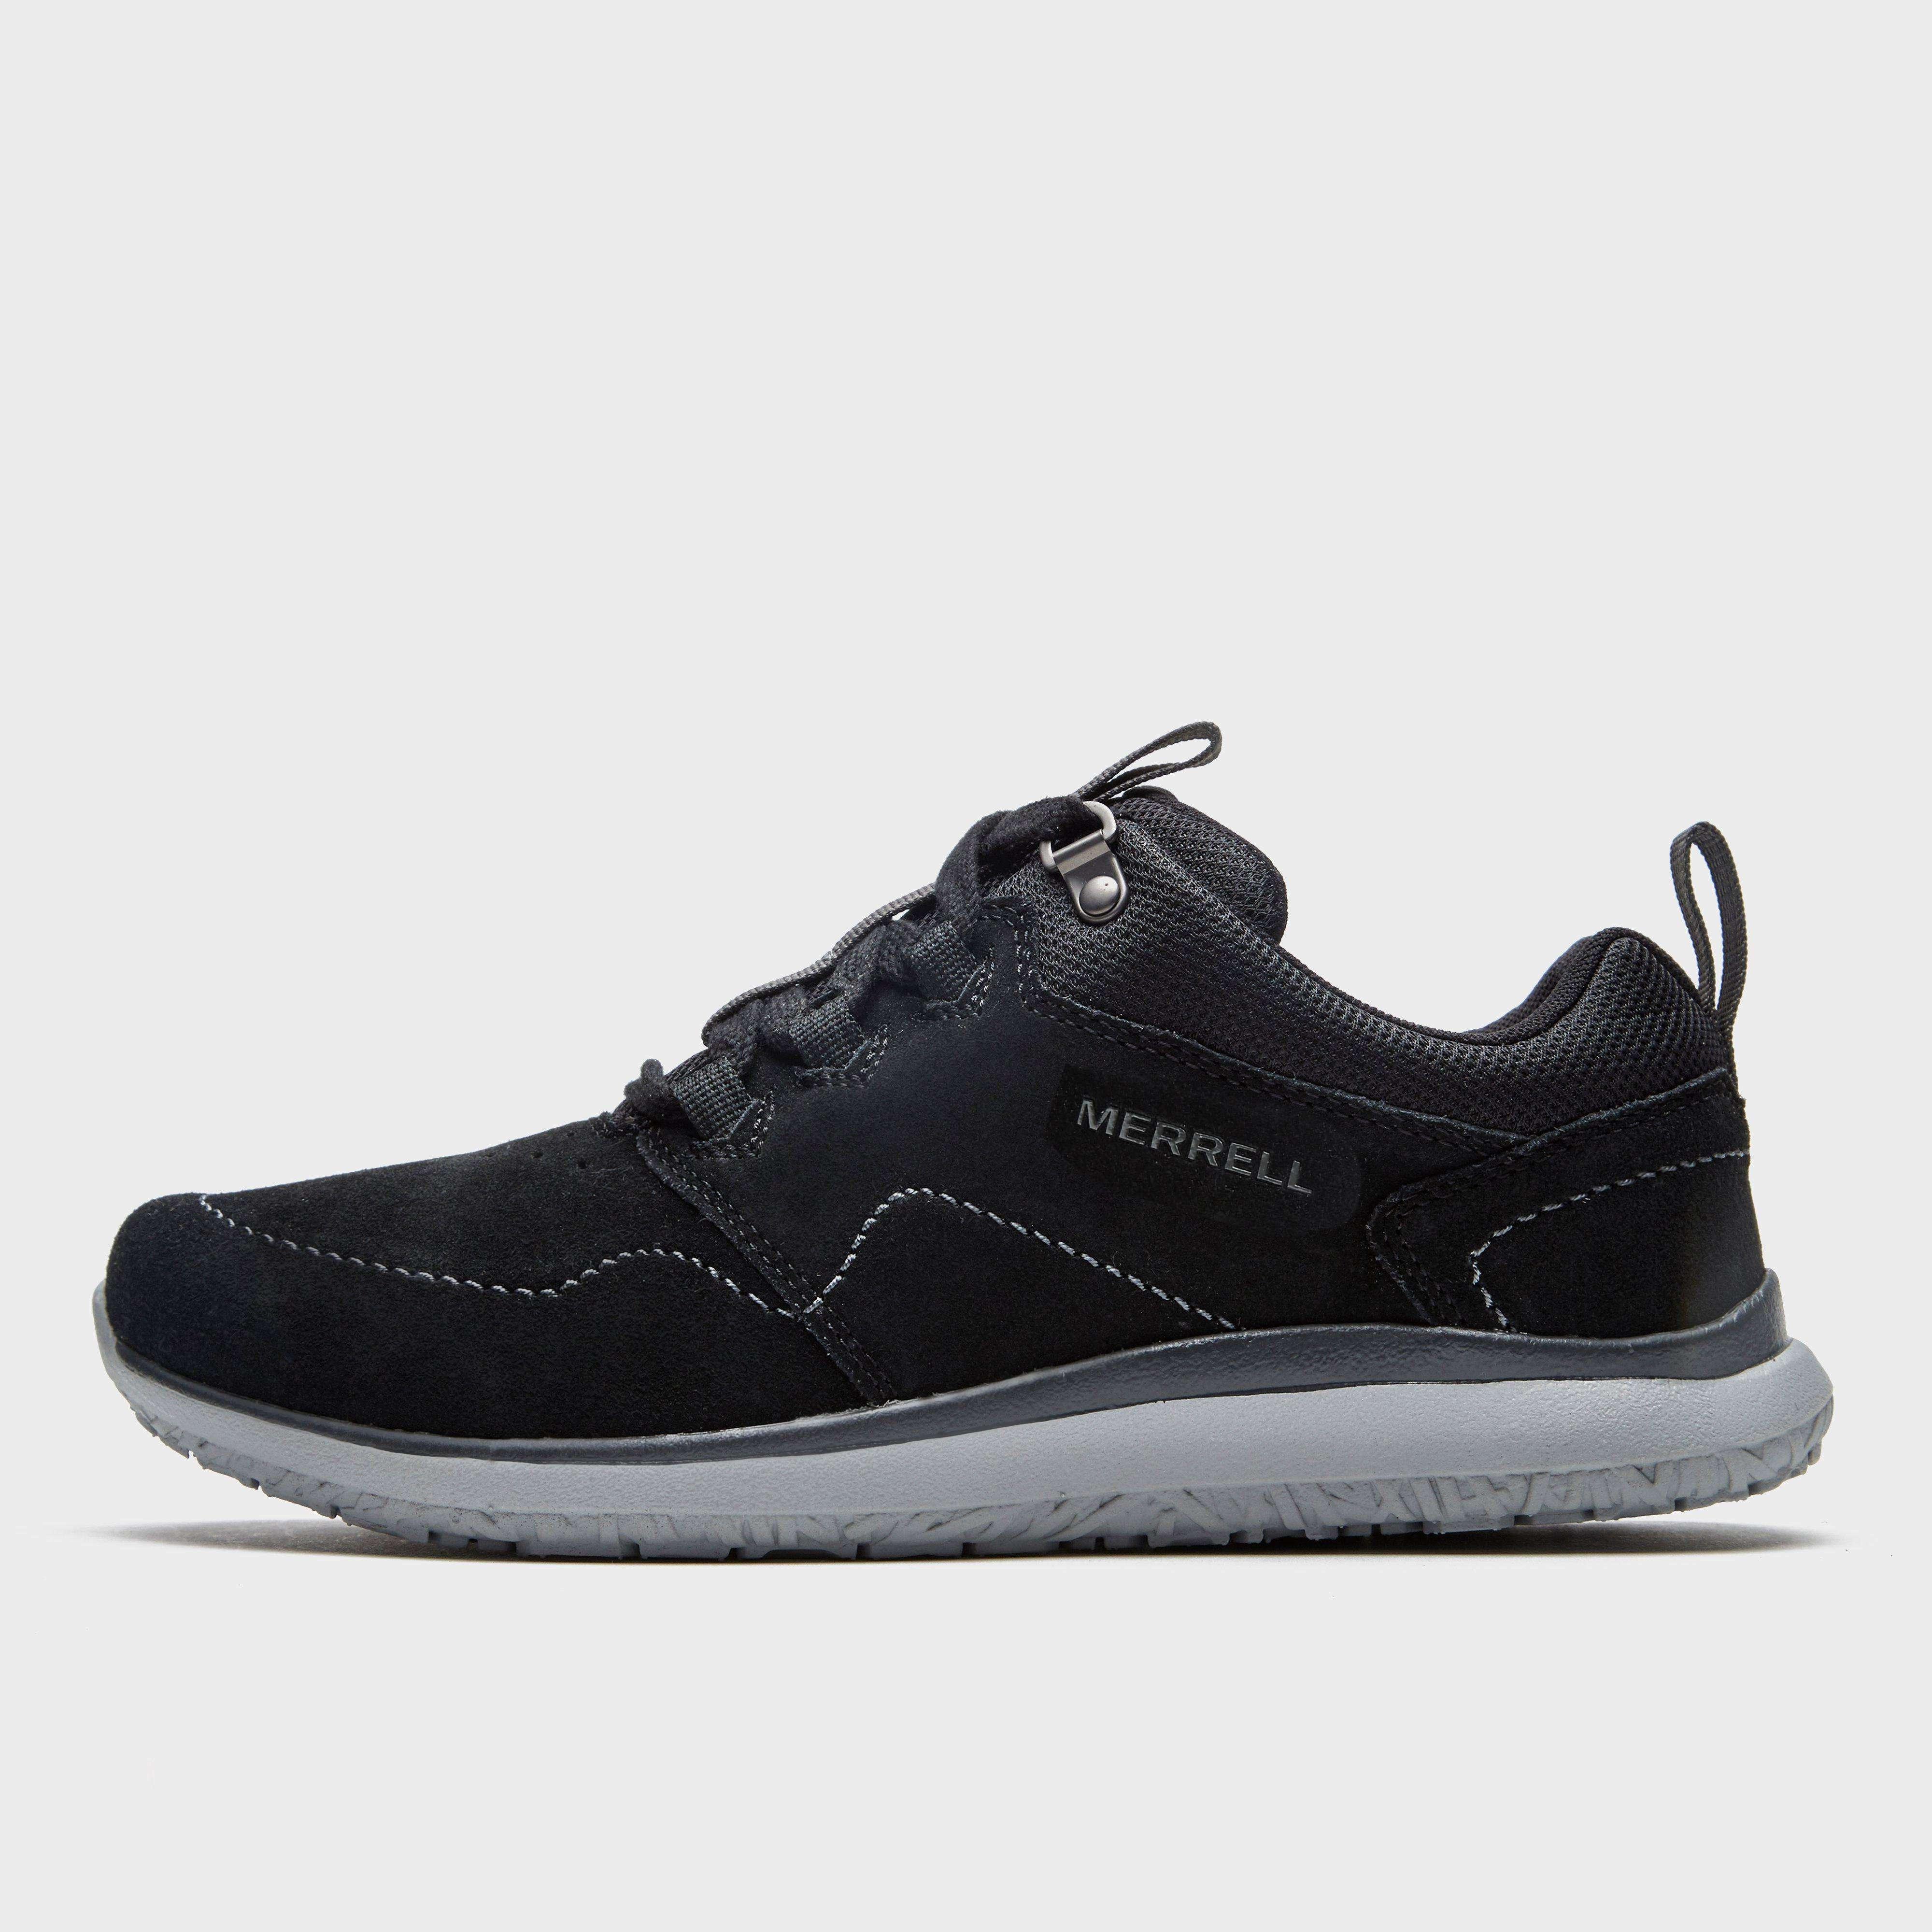 MERRELL Men's Locksley Lace Walking Shoe